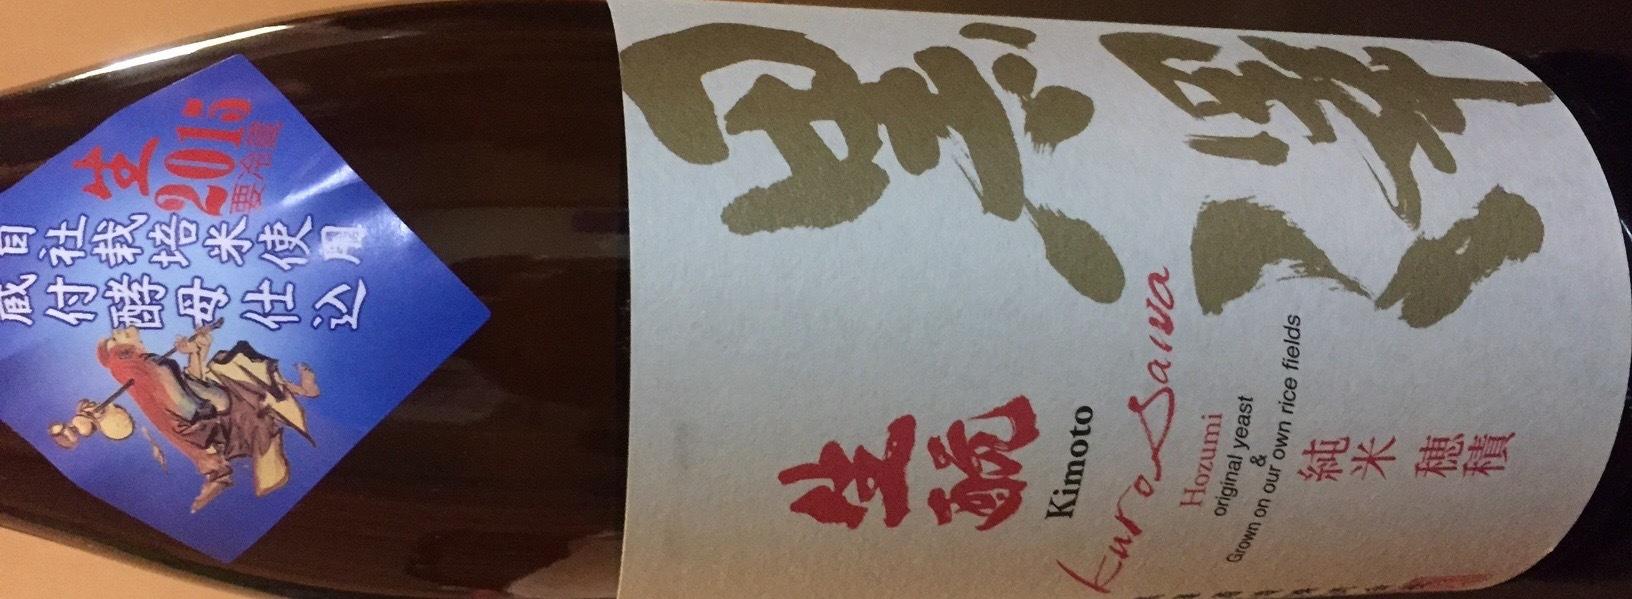 kurosawa_hozumi_nama27by0a.jpg